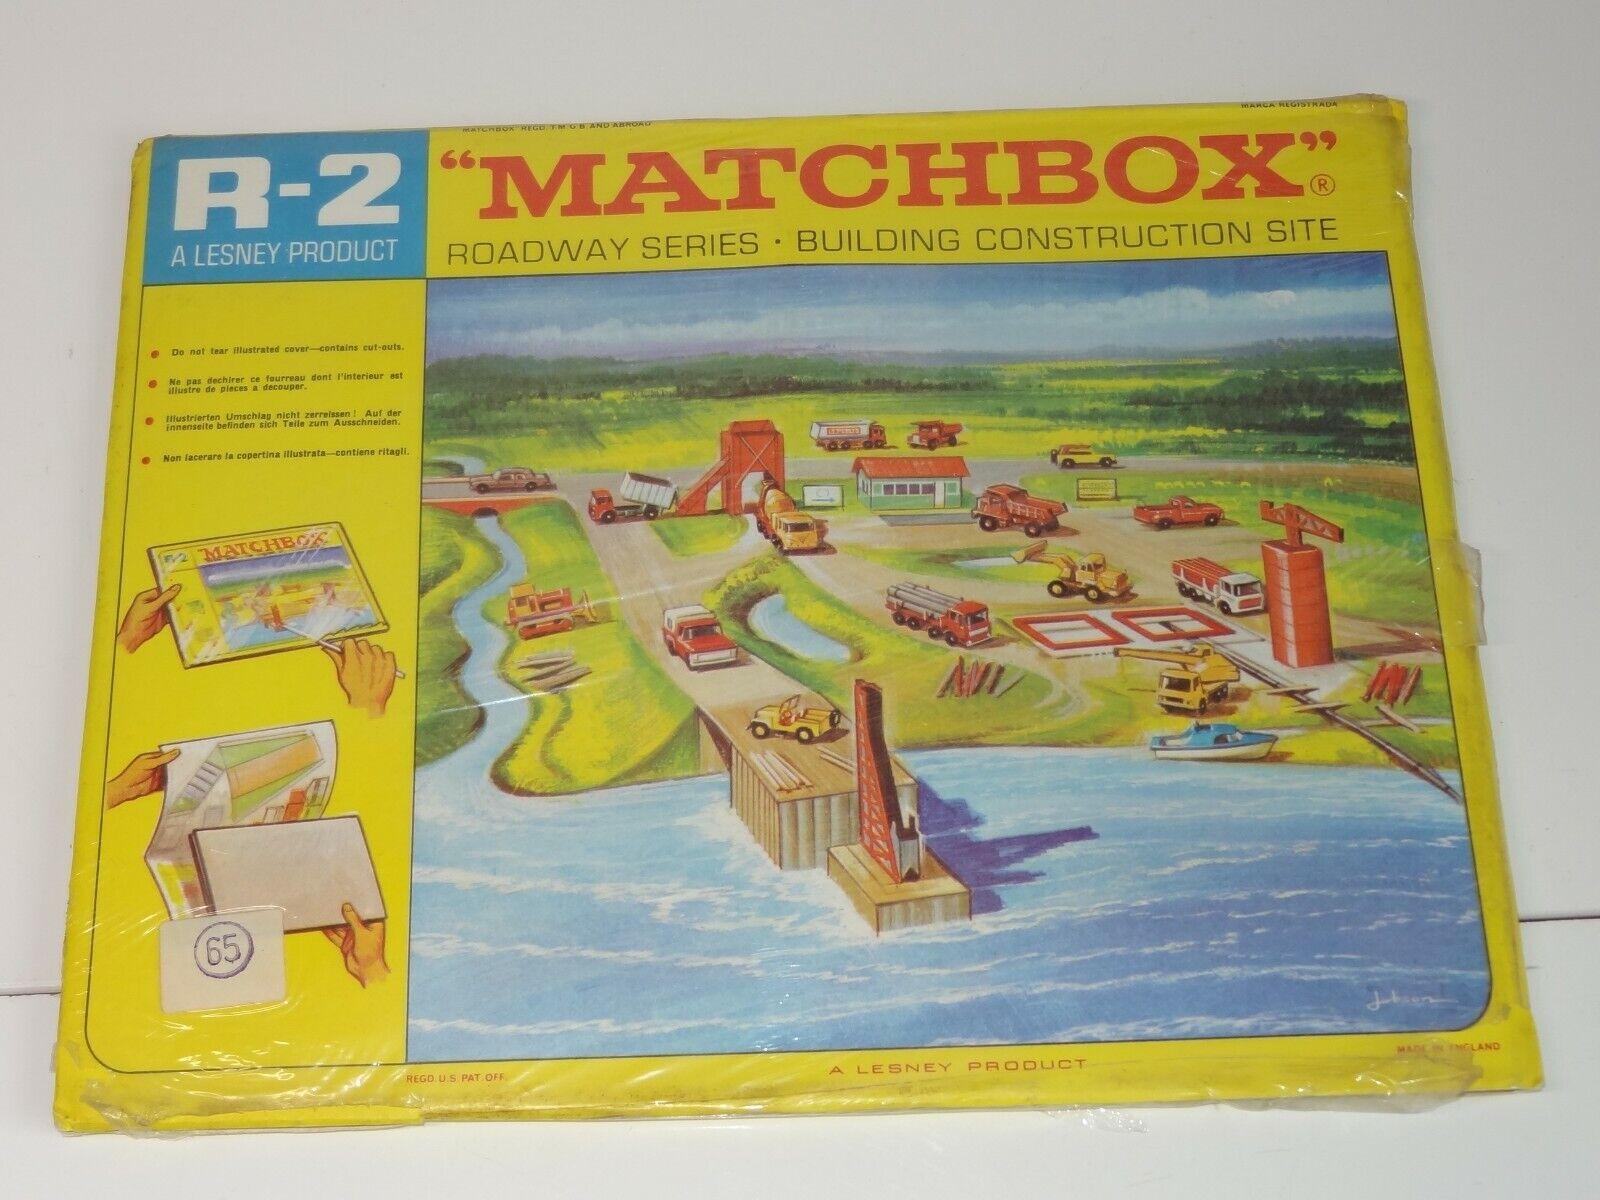 Matchbox lesney R 2 ROADWAY - CONSTRUCTION SITE SITE SITE (225) 3e8